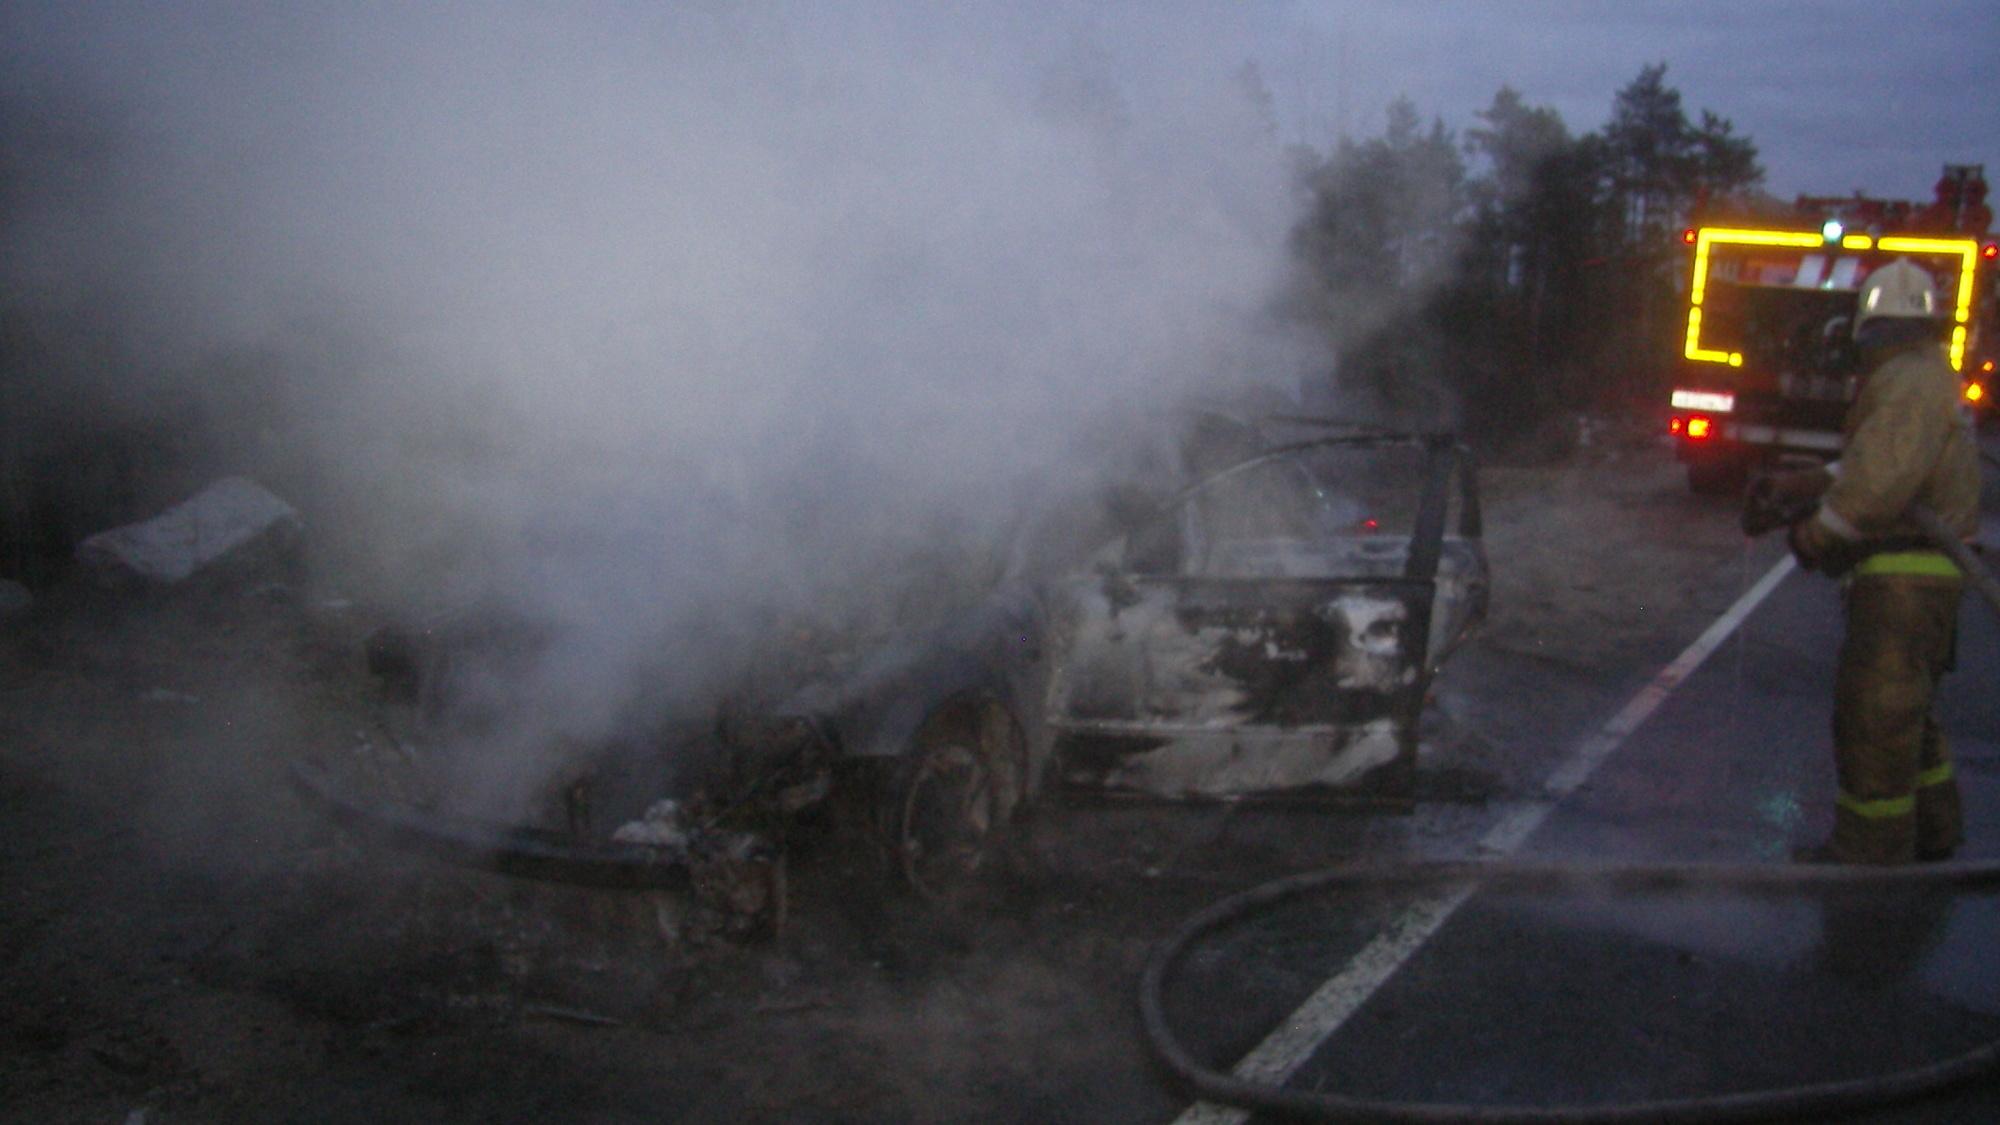 Пожарно-спасательное подразделение ликвидировало пожар в Муезерском районе.